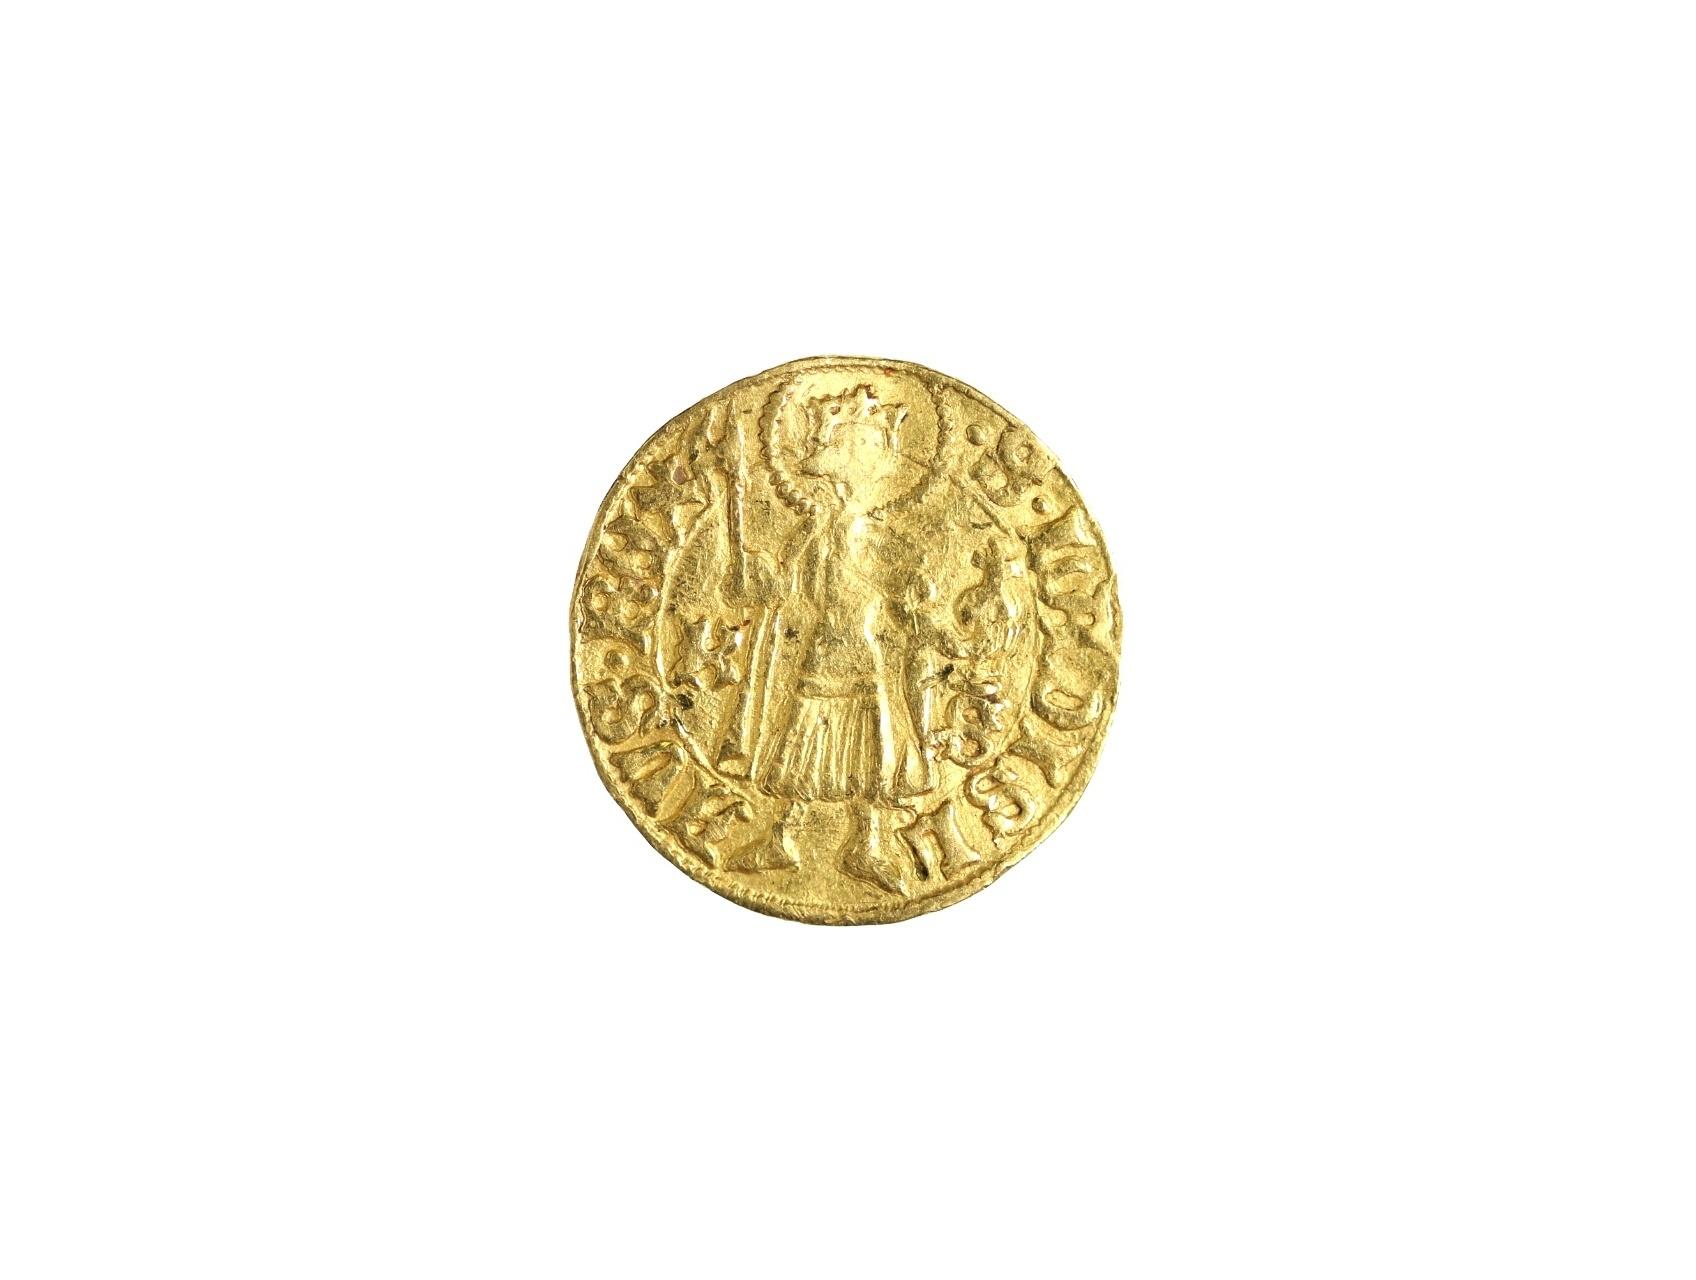 Zikmund Lucemburský 1387-1437 - Dukát b.l. K.S. Kremnica, váha 3.52g, Gyön. 180a, mírně prohlý